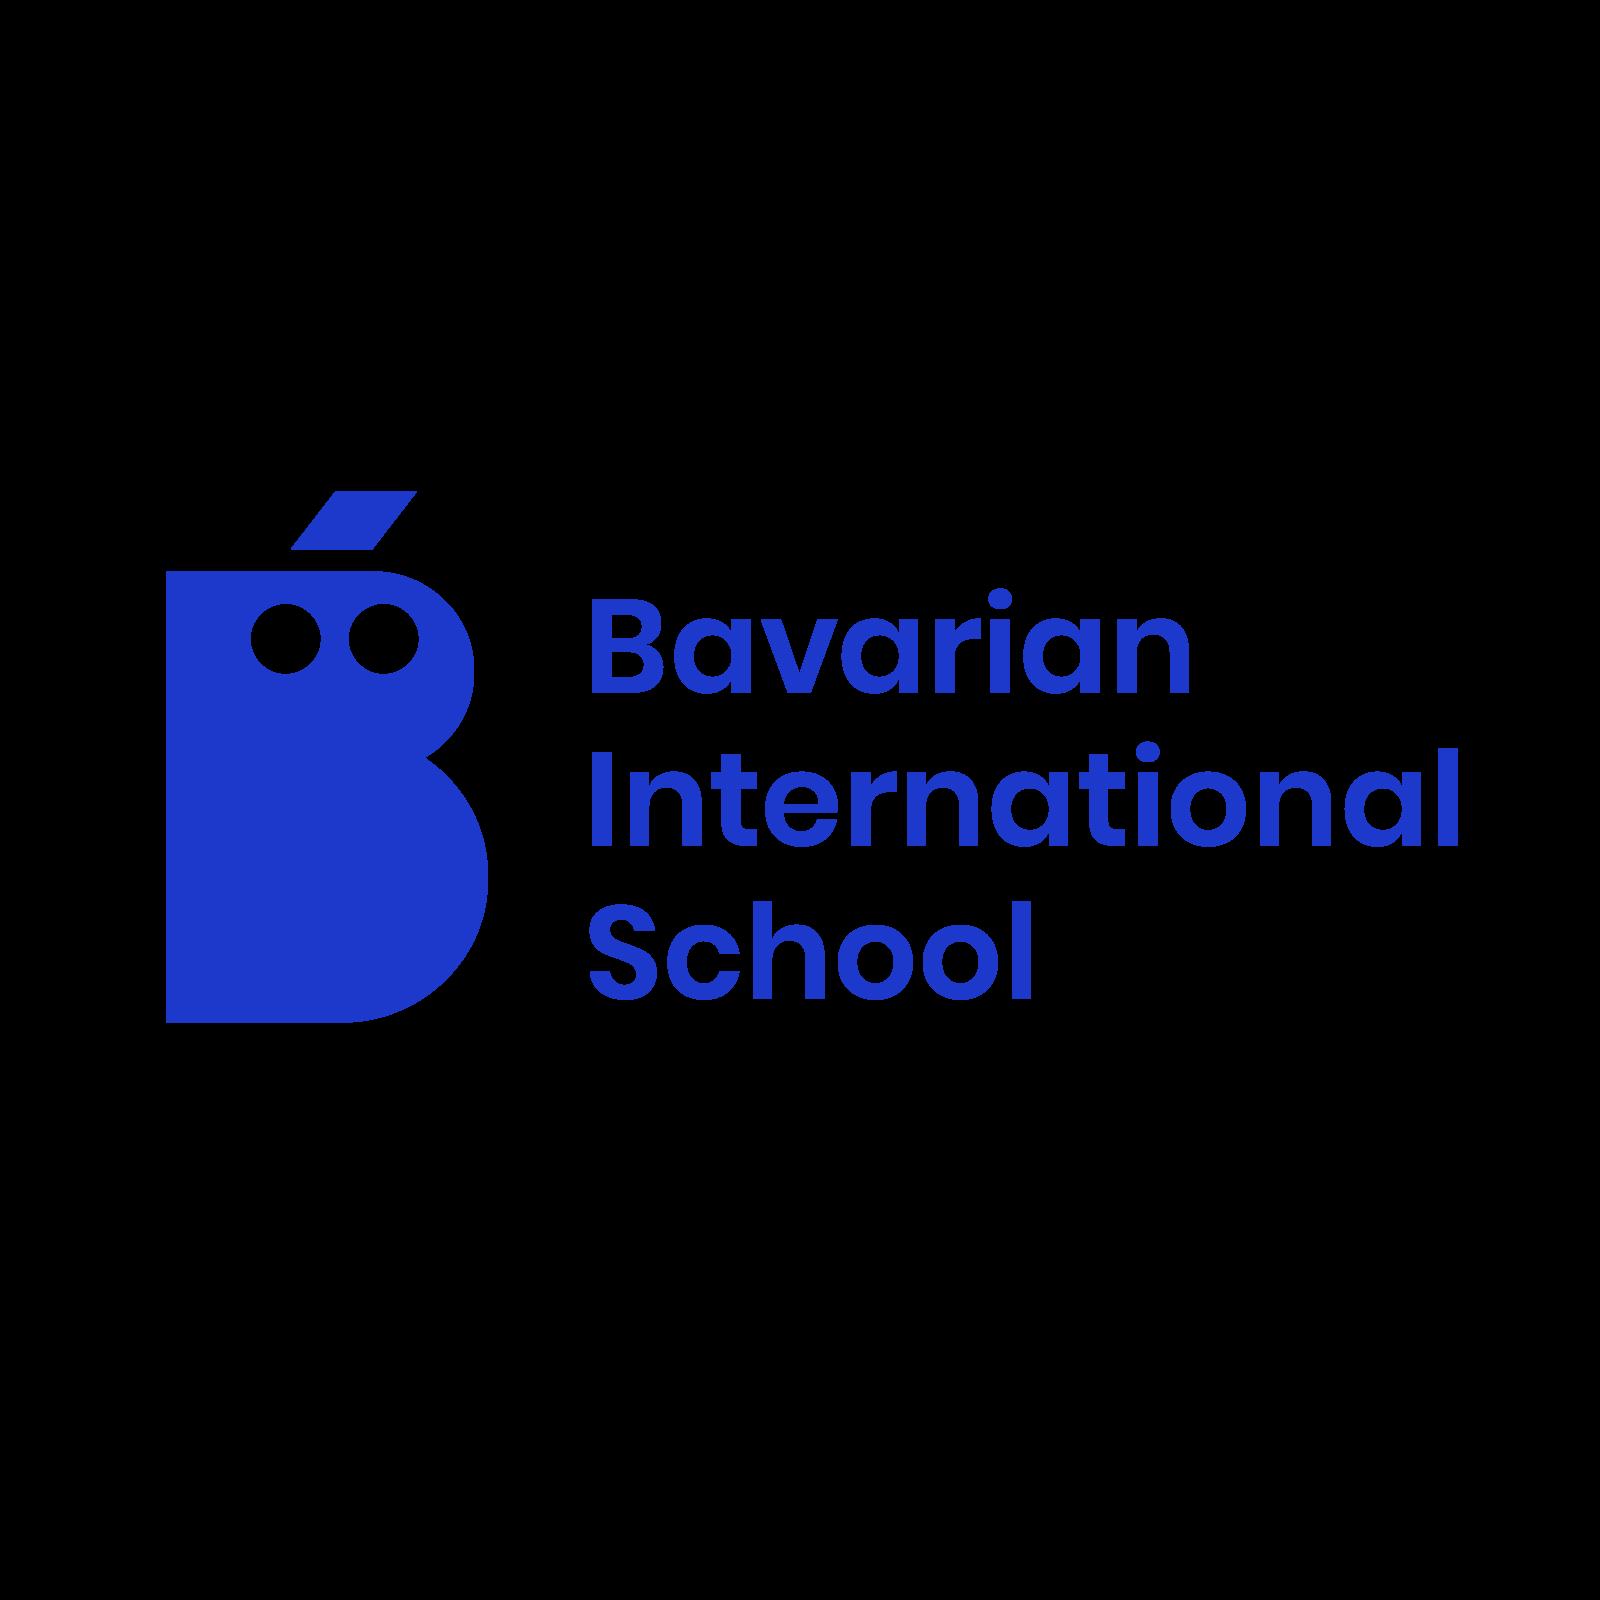 Bavarian International School (BIS) - Haimhausen Campus